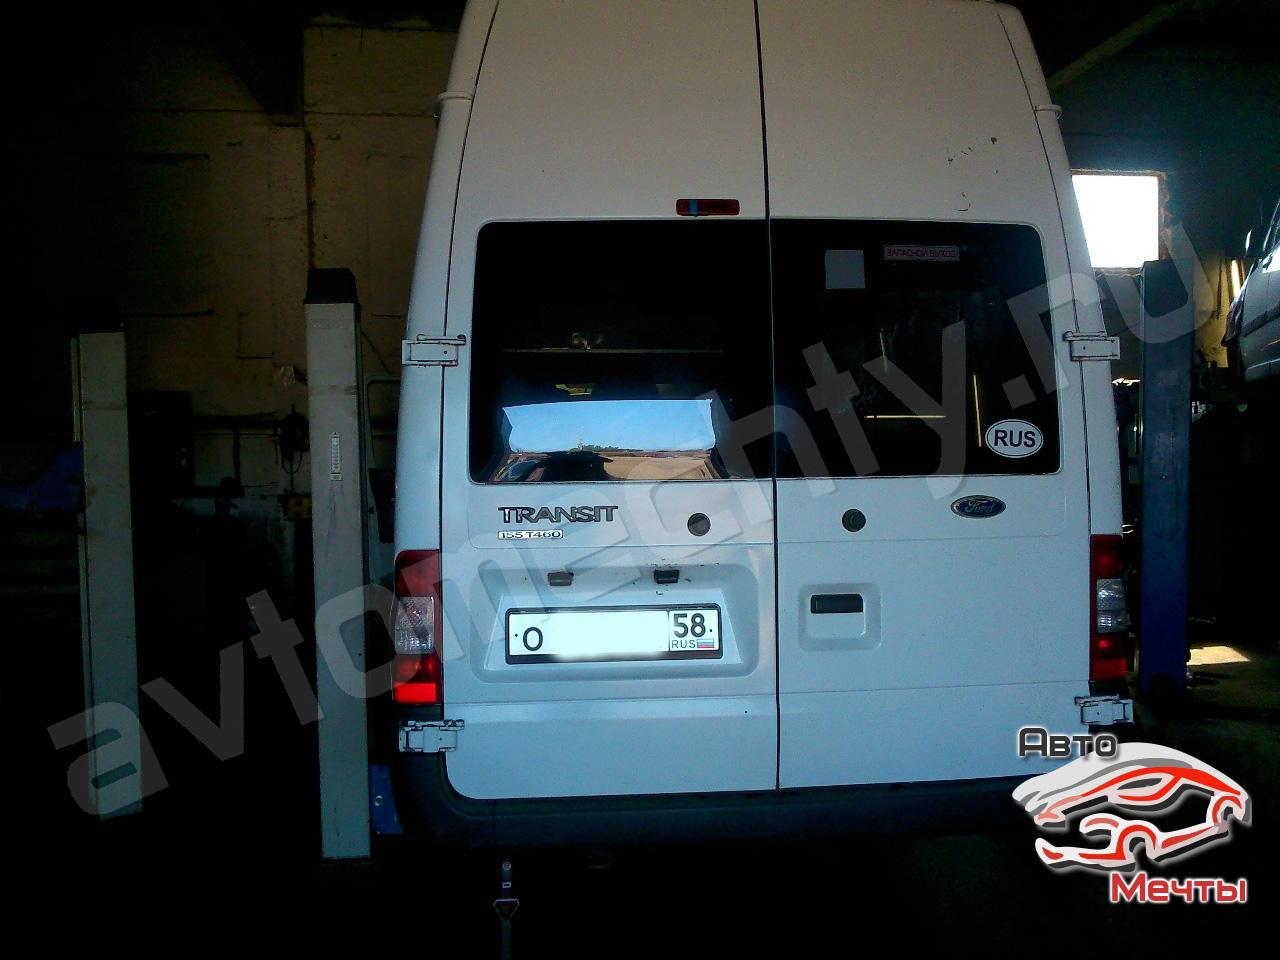 Чии-тюнинг Ford Transit. Отключение клапана ЕГР и дефорсирование мощности.